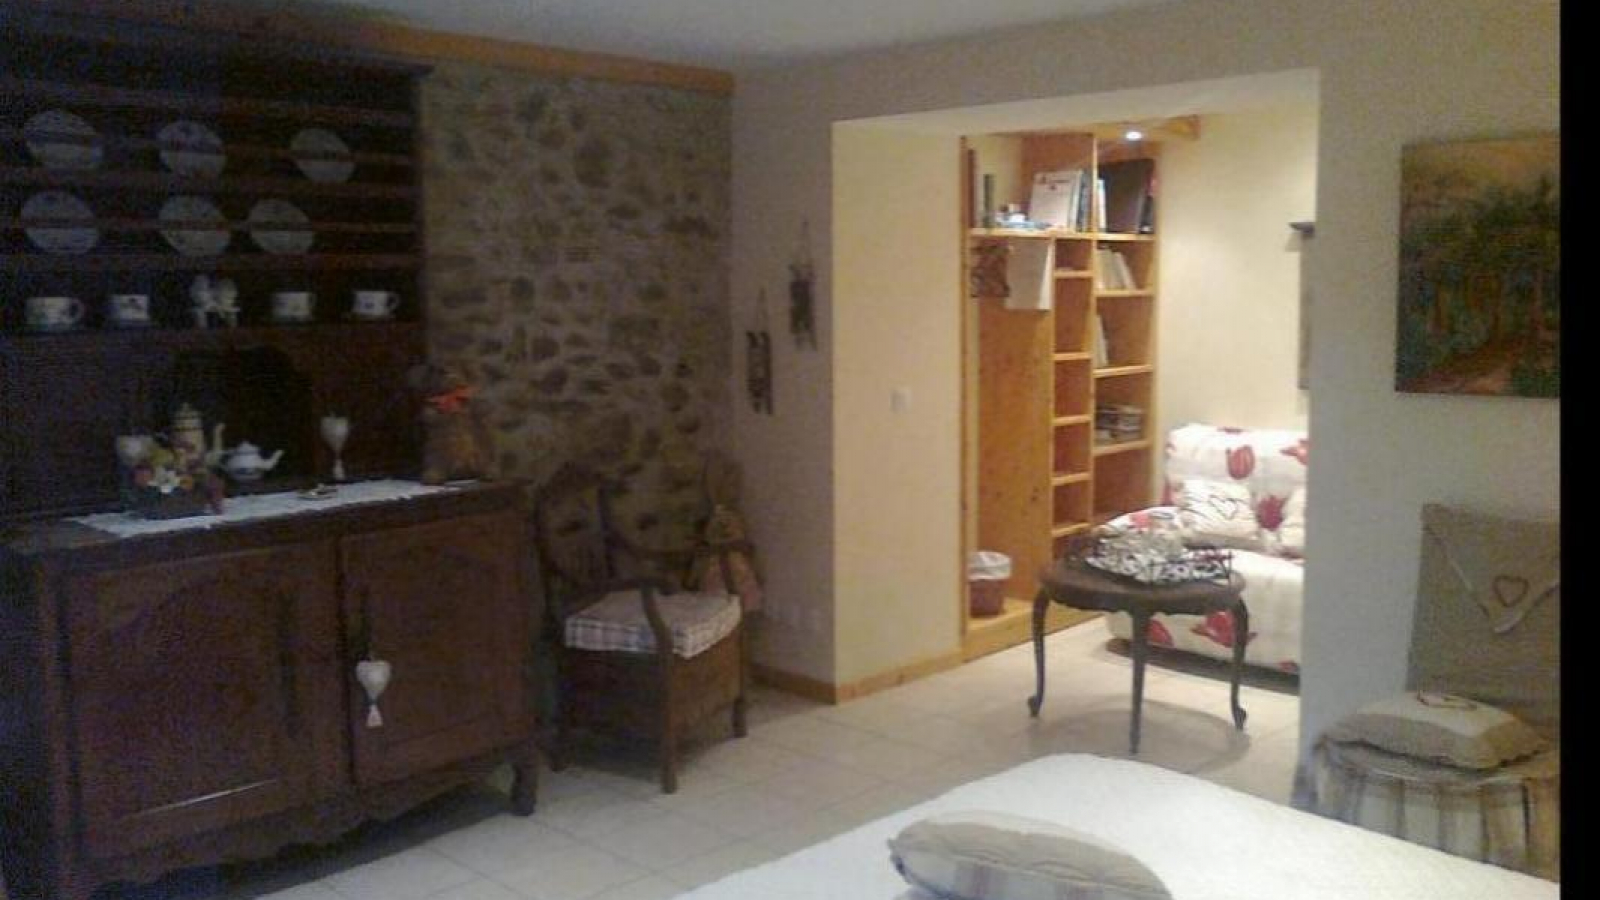 La chambre Amandine est luxueusement décorée,avec goût liant pierre, bois et mobilier ancien.Le lit(160x200)est de qualité 'hôtel luxe' Bibliothèque à disposition avec penderie.Capacité de 4 personnes (lit 140x180 possible);WIFI; 25m²